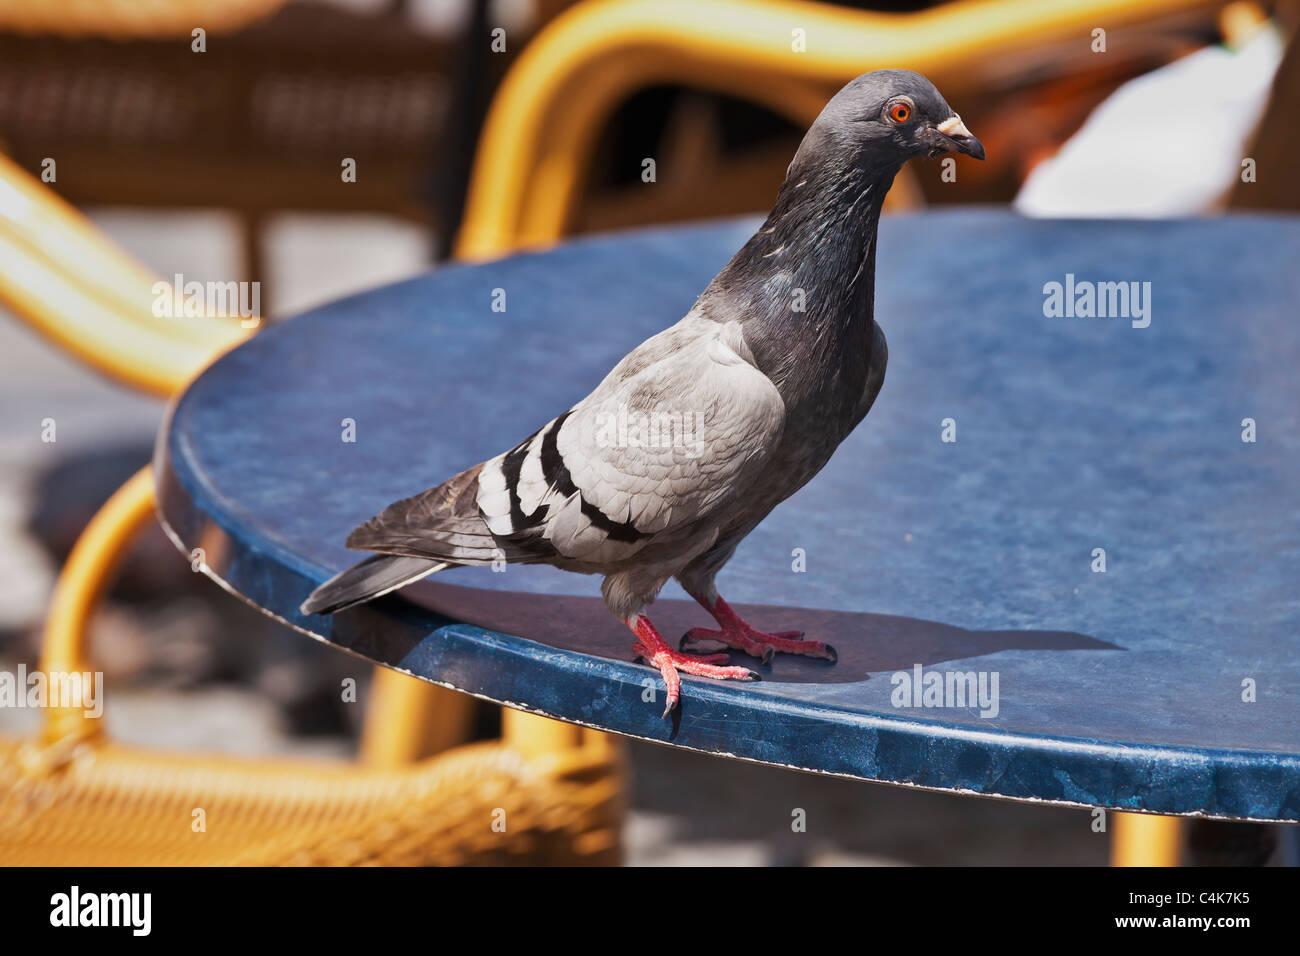 eine Stadttaube sitzt auf der Kante von einem Tisch | a city pigeon is sitting on the border of a table - Stock Image